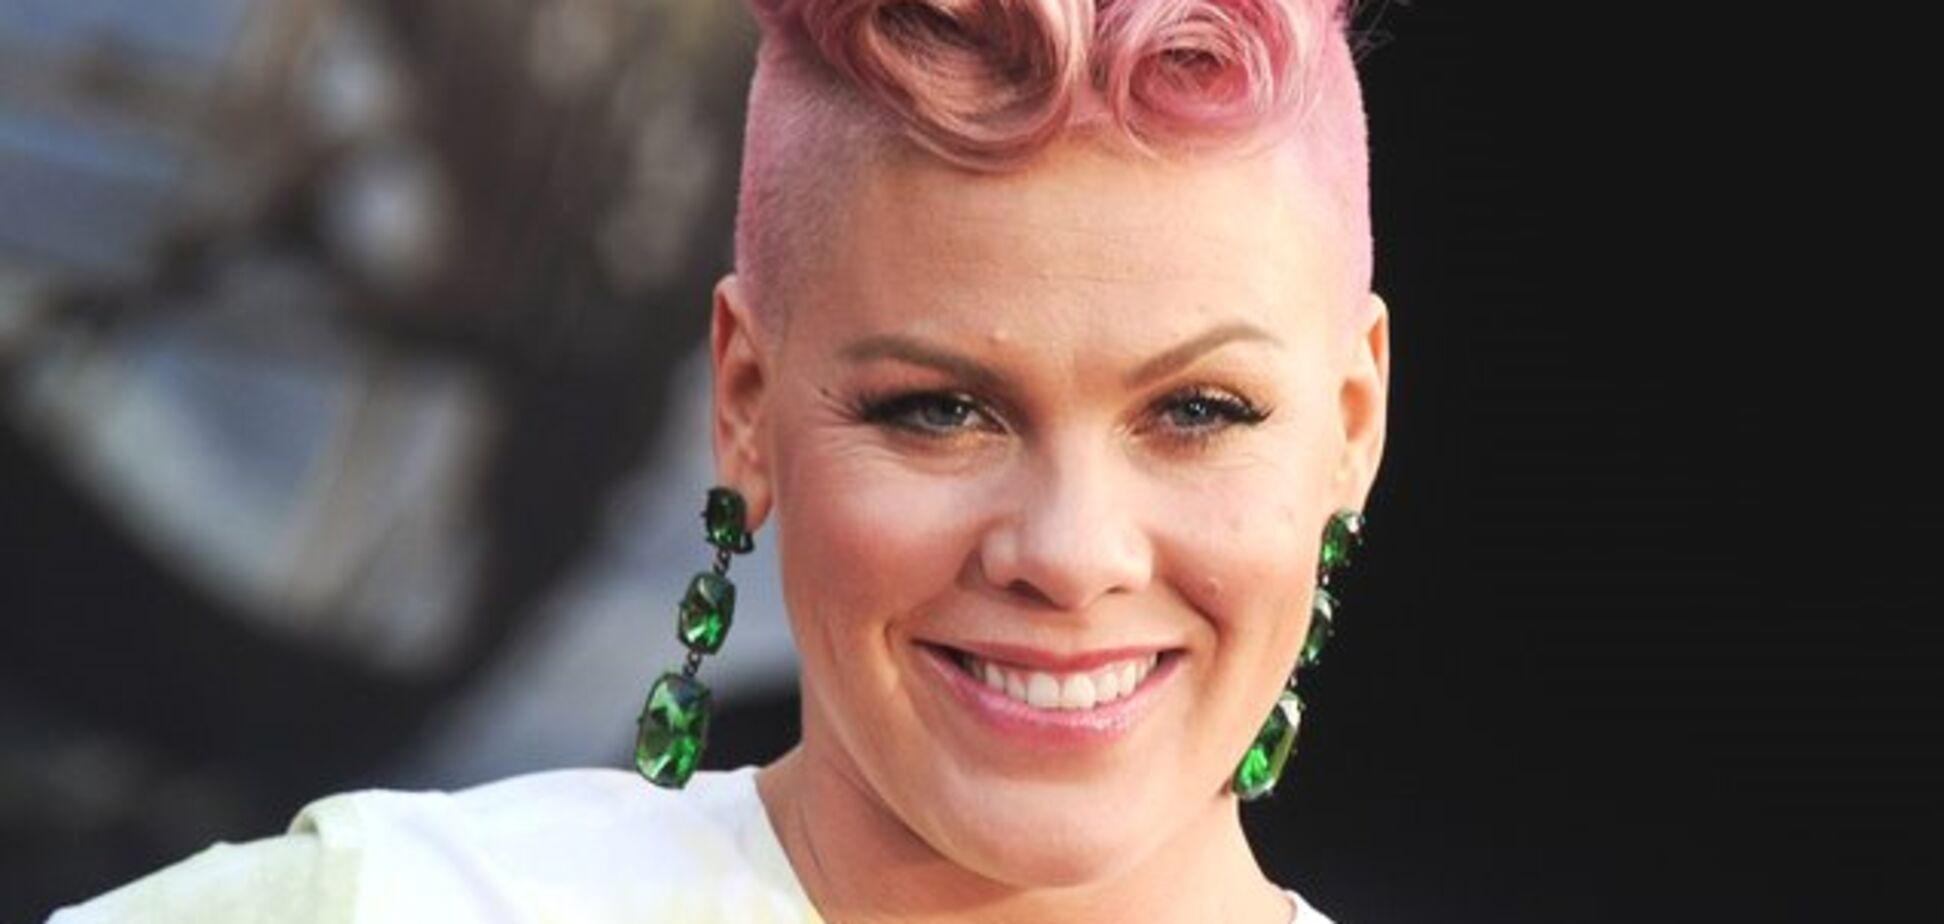 Концерты отменены: певица Pink угодила в больницу